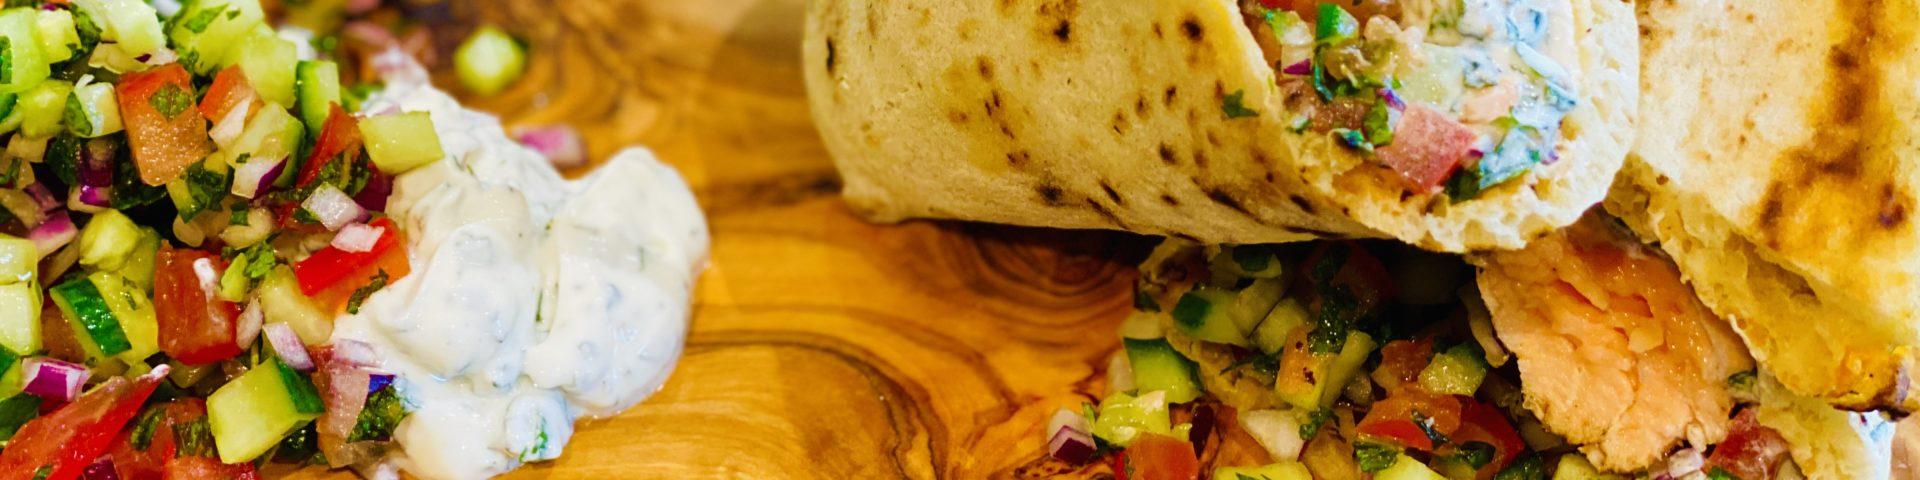 Tandoori Salmon Naan Wrap Recipe - The Food Beaver